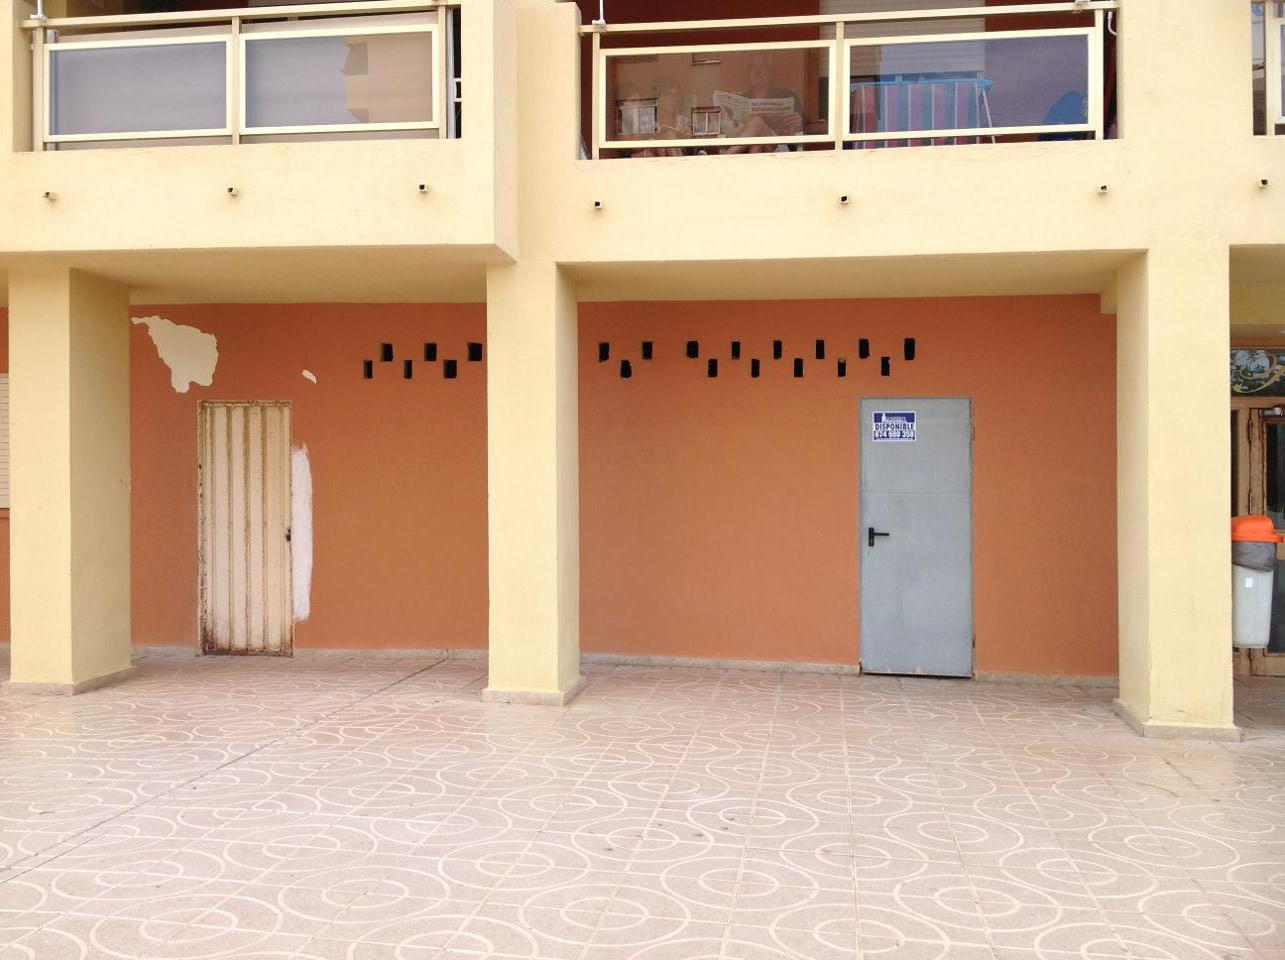 Locale commerciale in Puig. Se vende local de 57 m2 en la playa del Puig, urbanizacion Puig